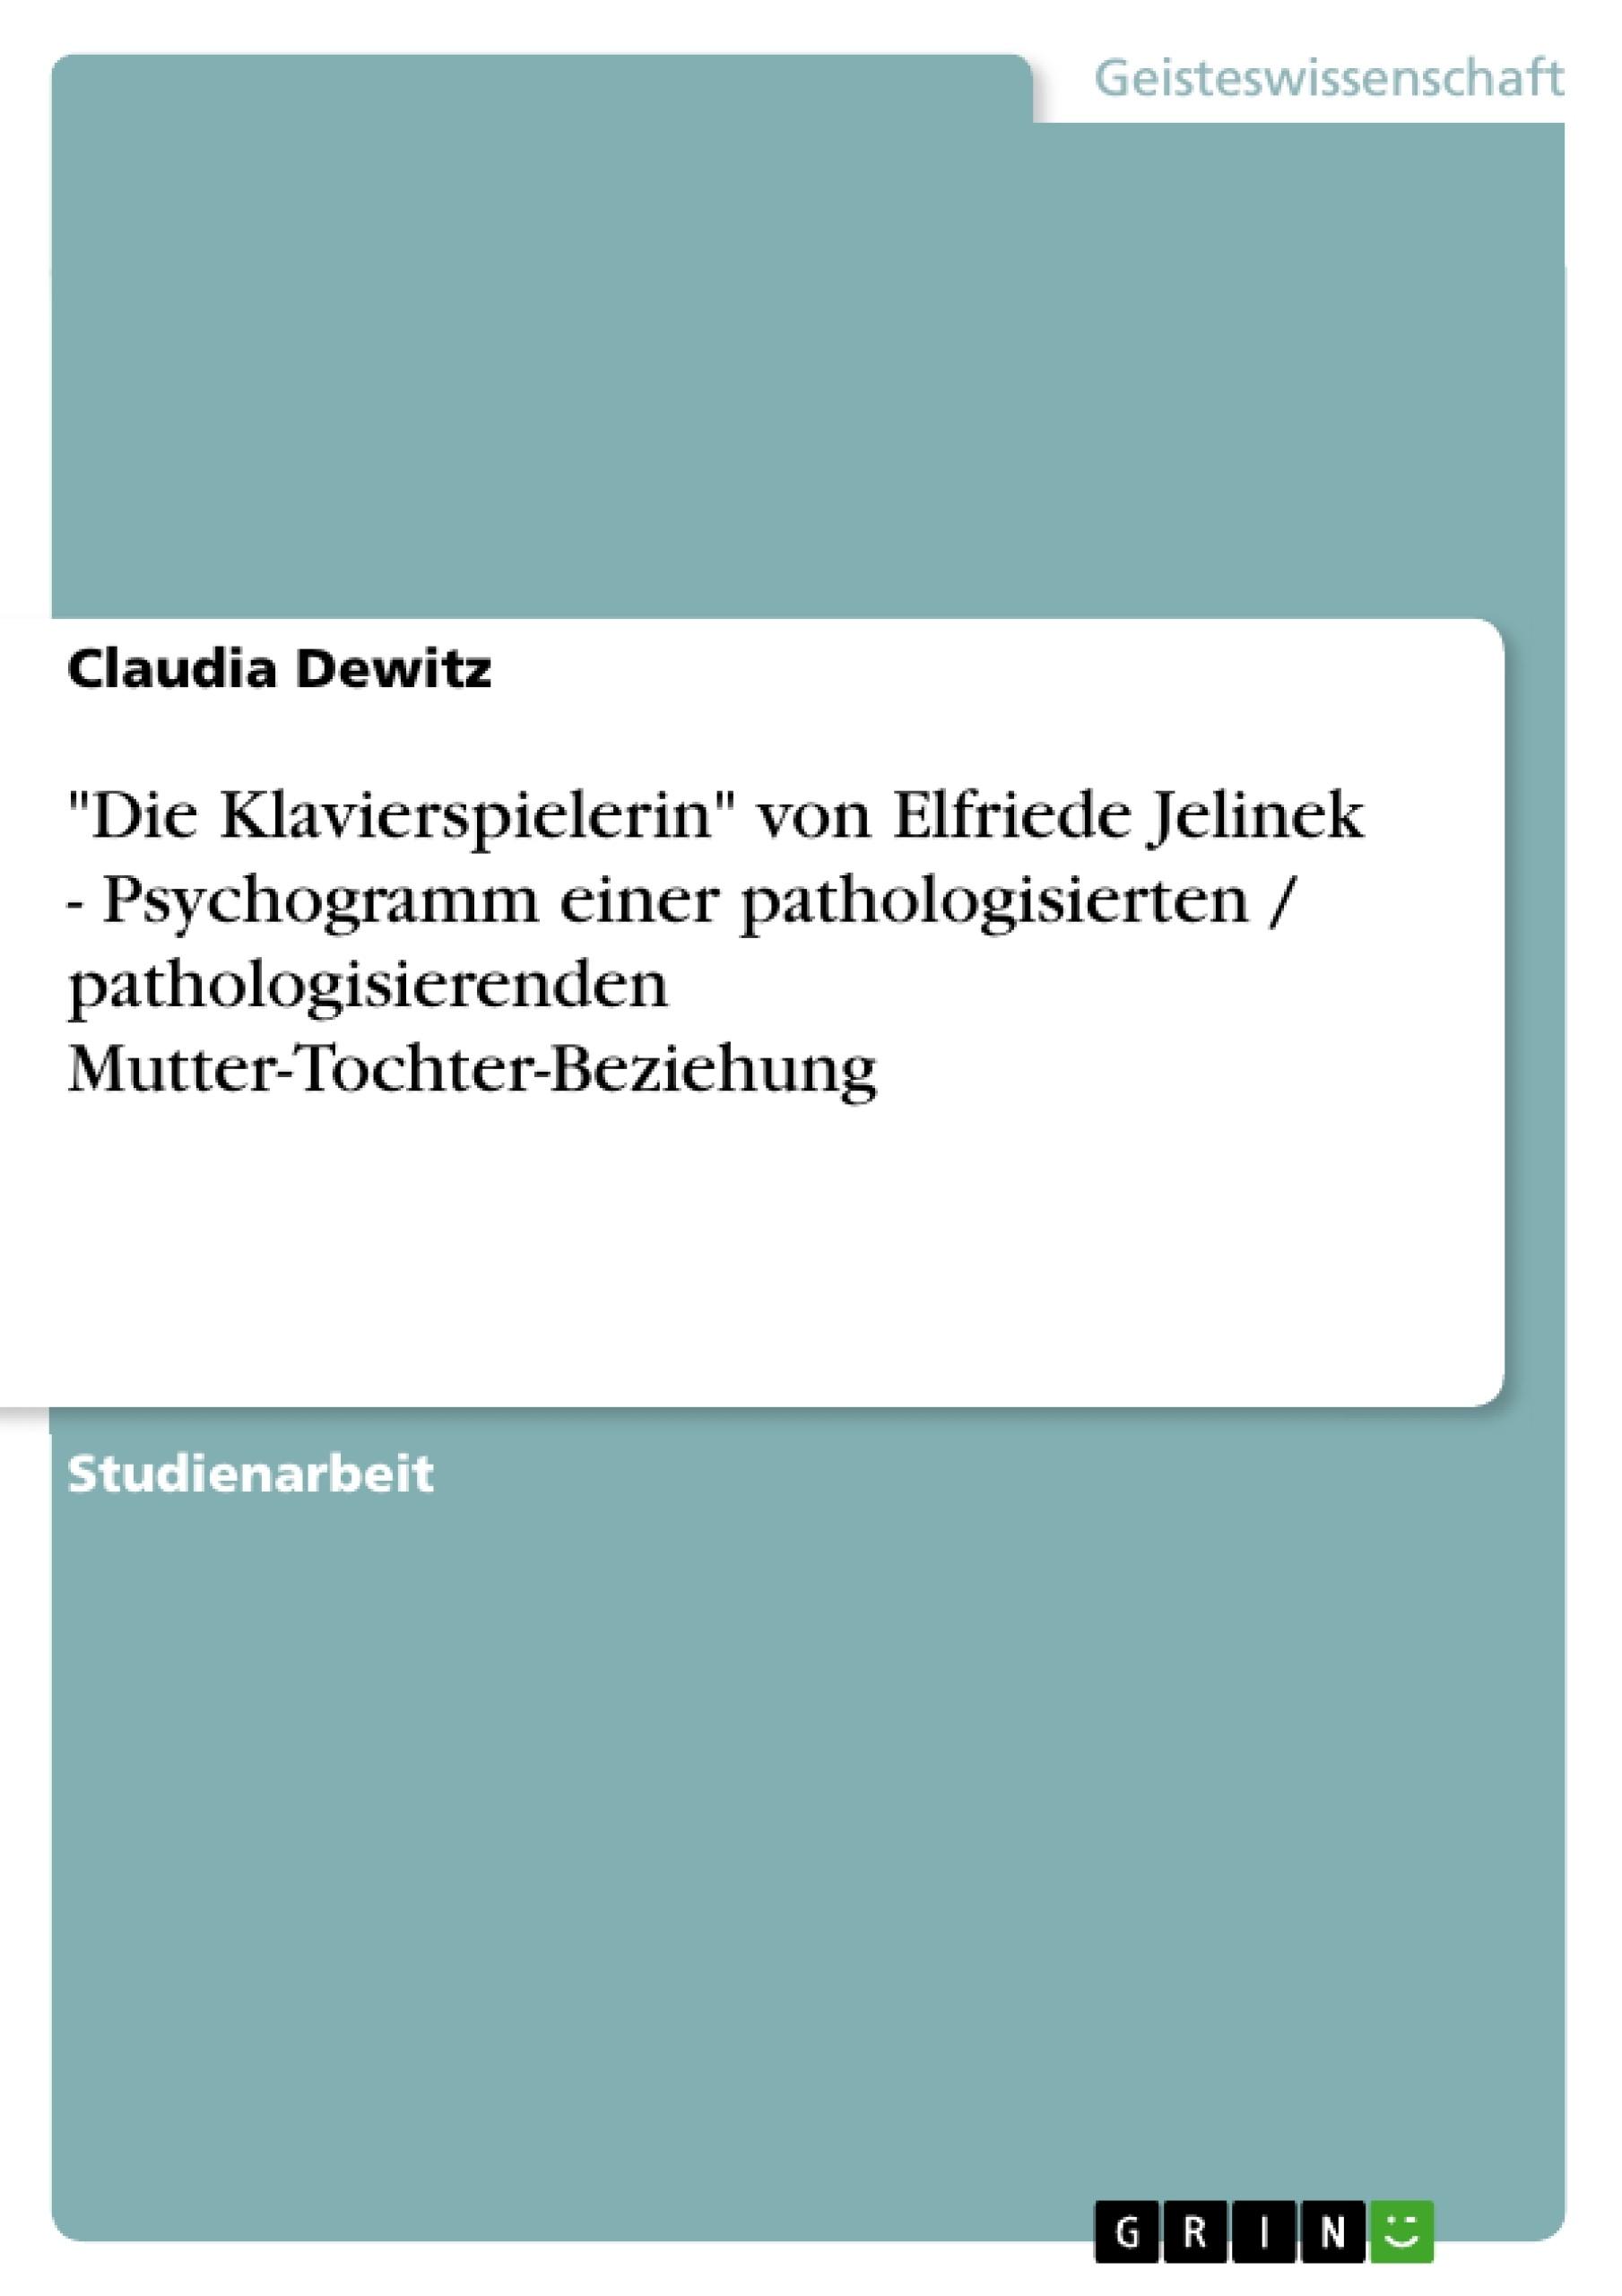 """Titel: """"Die Klavierspielerin"""" von Elfriede Jelinek - Psychogramm einer pathologisierten / pathologisierenden Mutter-Tochter-Beziehung"""